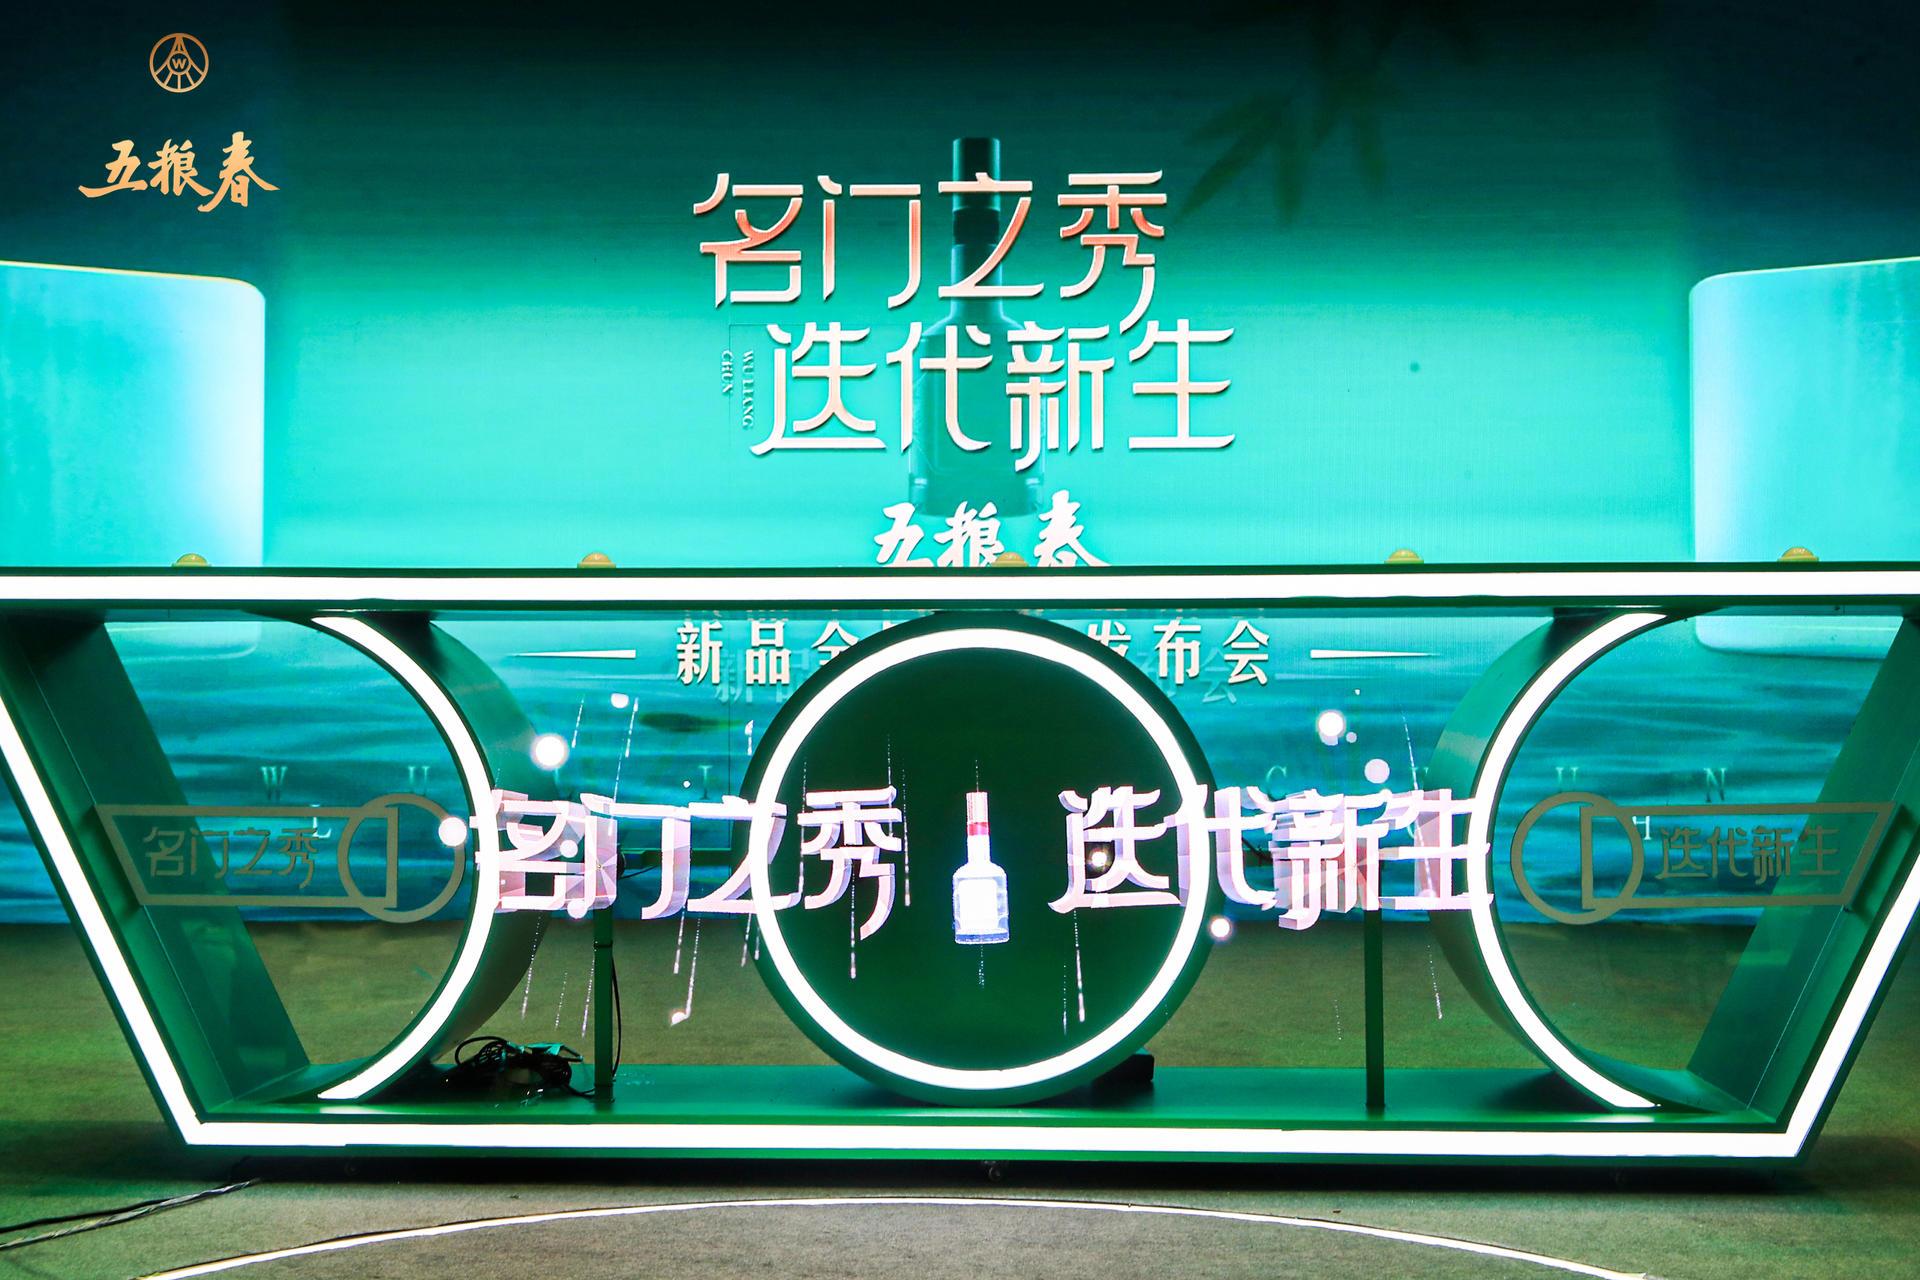 五粮春新品发布会活动策划正式焕新,开启名门之秀新时代